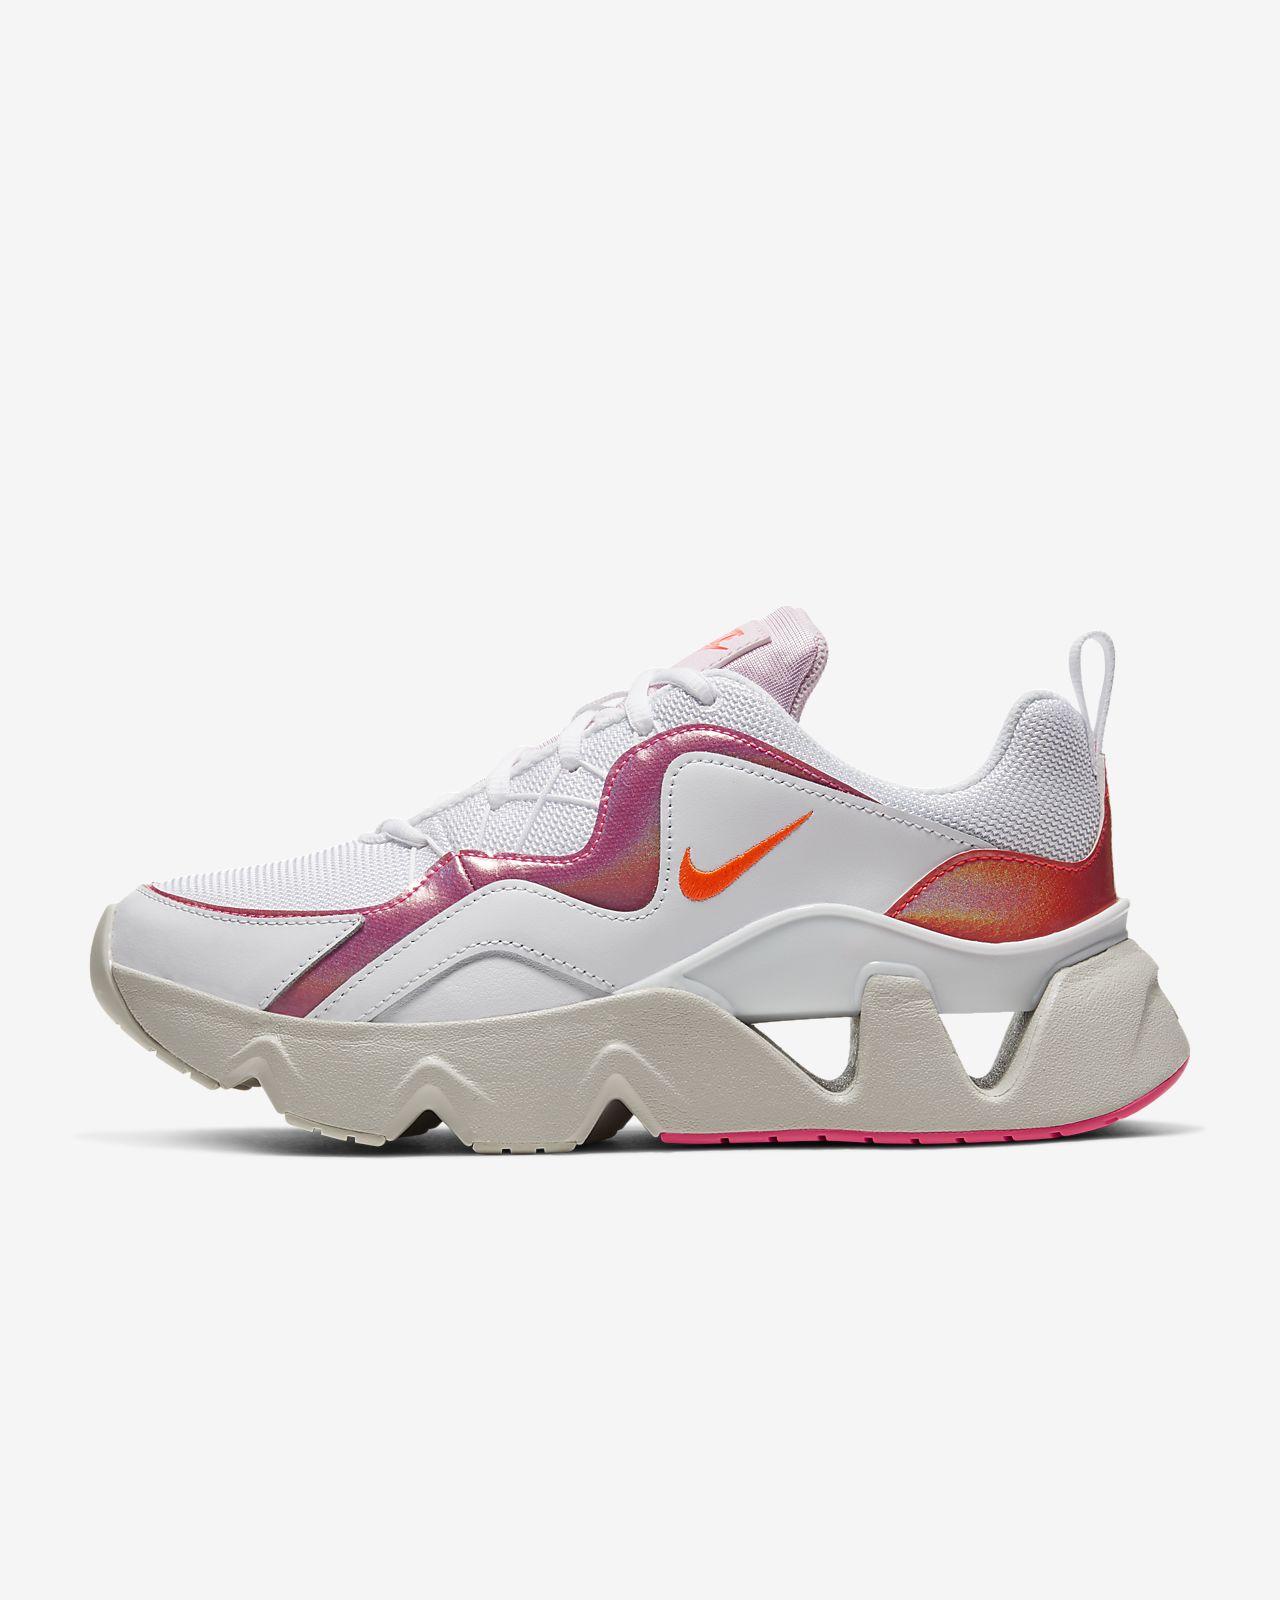 LignePromotions Femme Rose Boutique En Dans La Nike Air